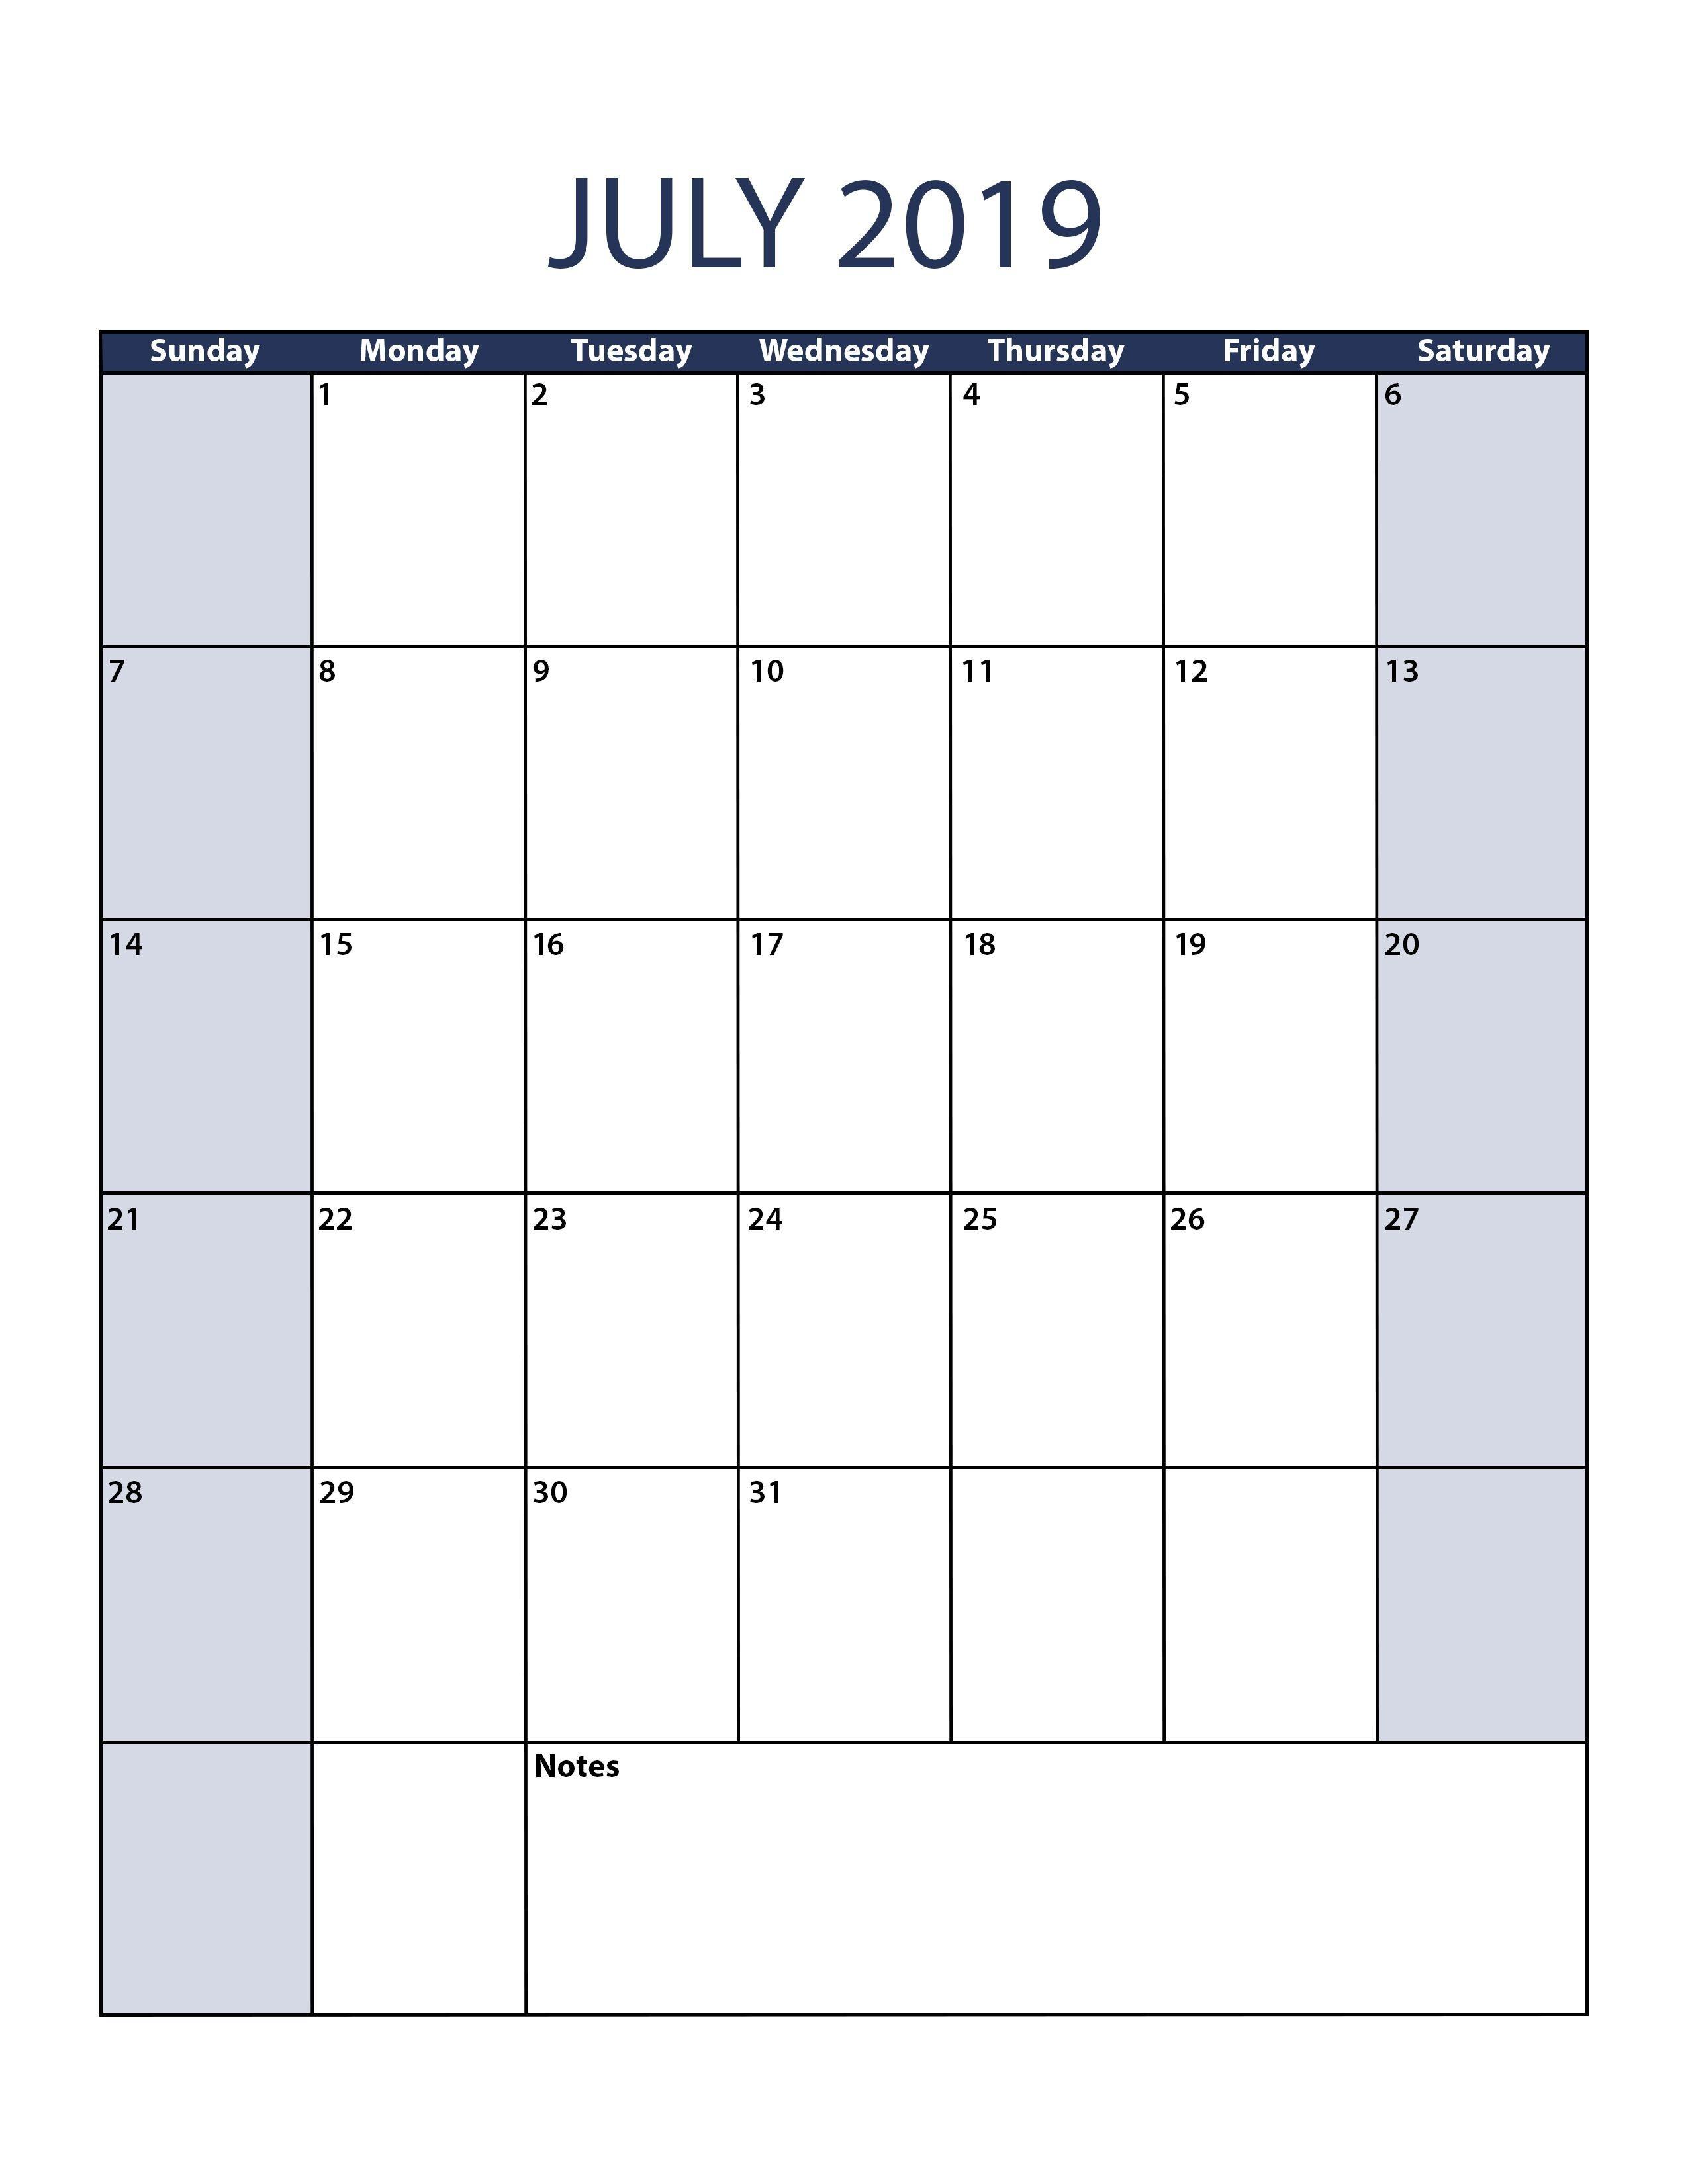 2019 Calendar Pdf File July 2019 Calendar Template 2 550—3 300 2019